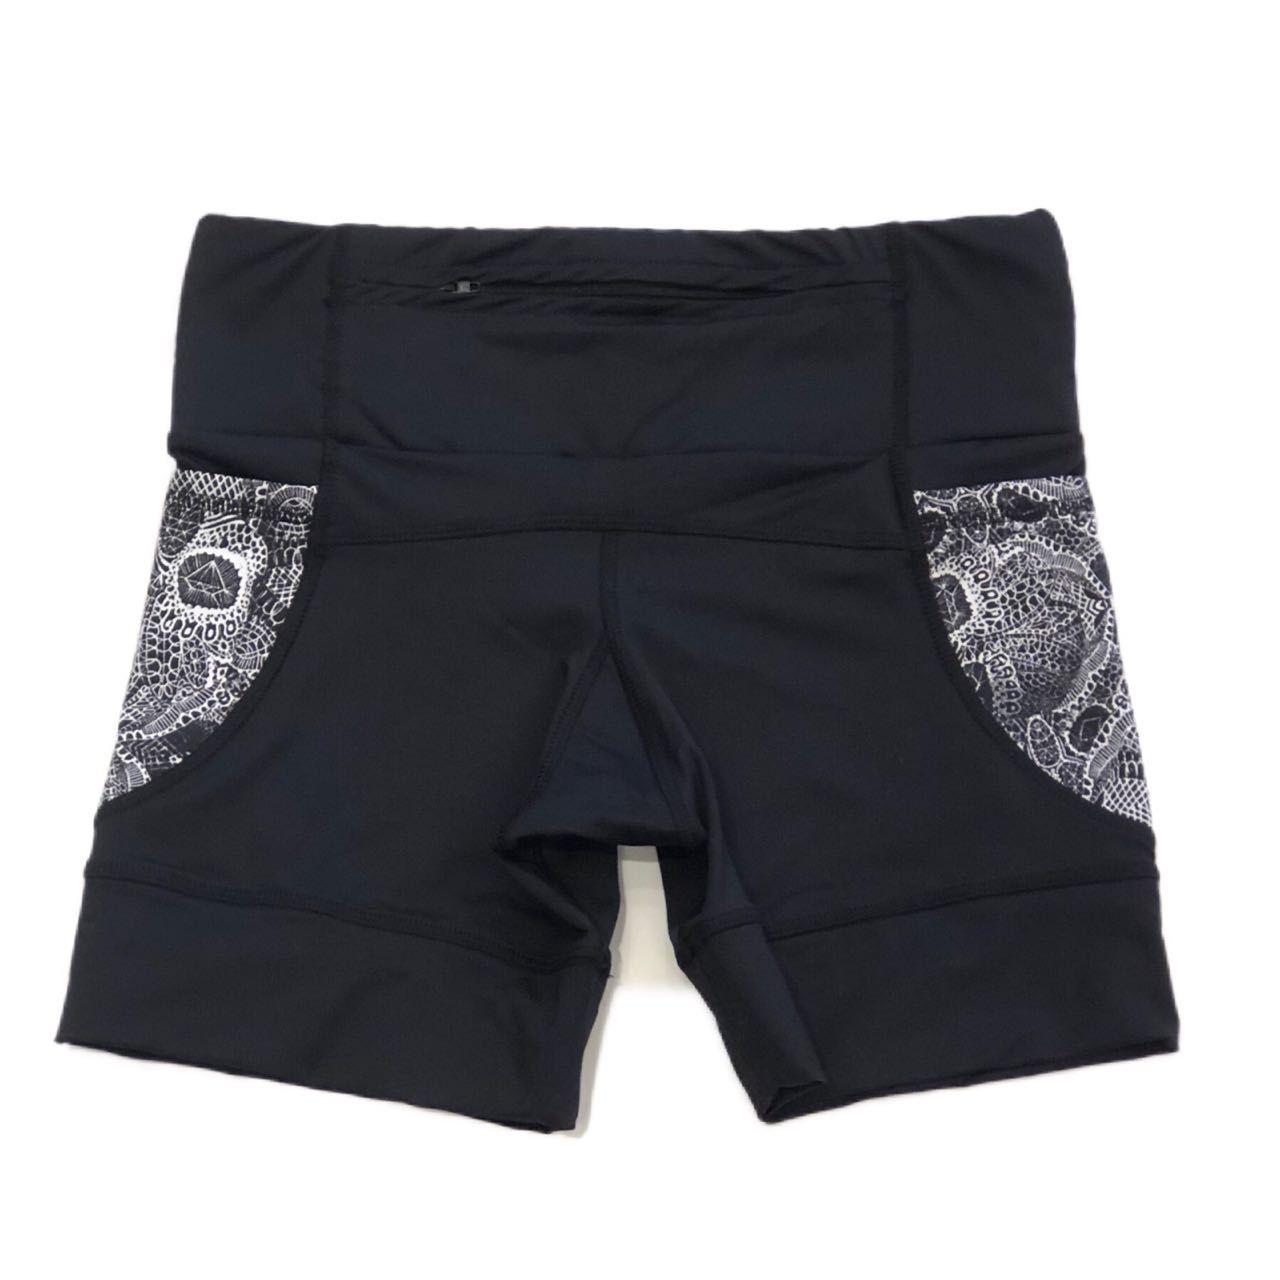 Shorts de compressão 1500 bolsos em compress preto com bolsos laterais estampa caveira renda